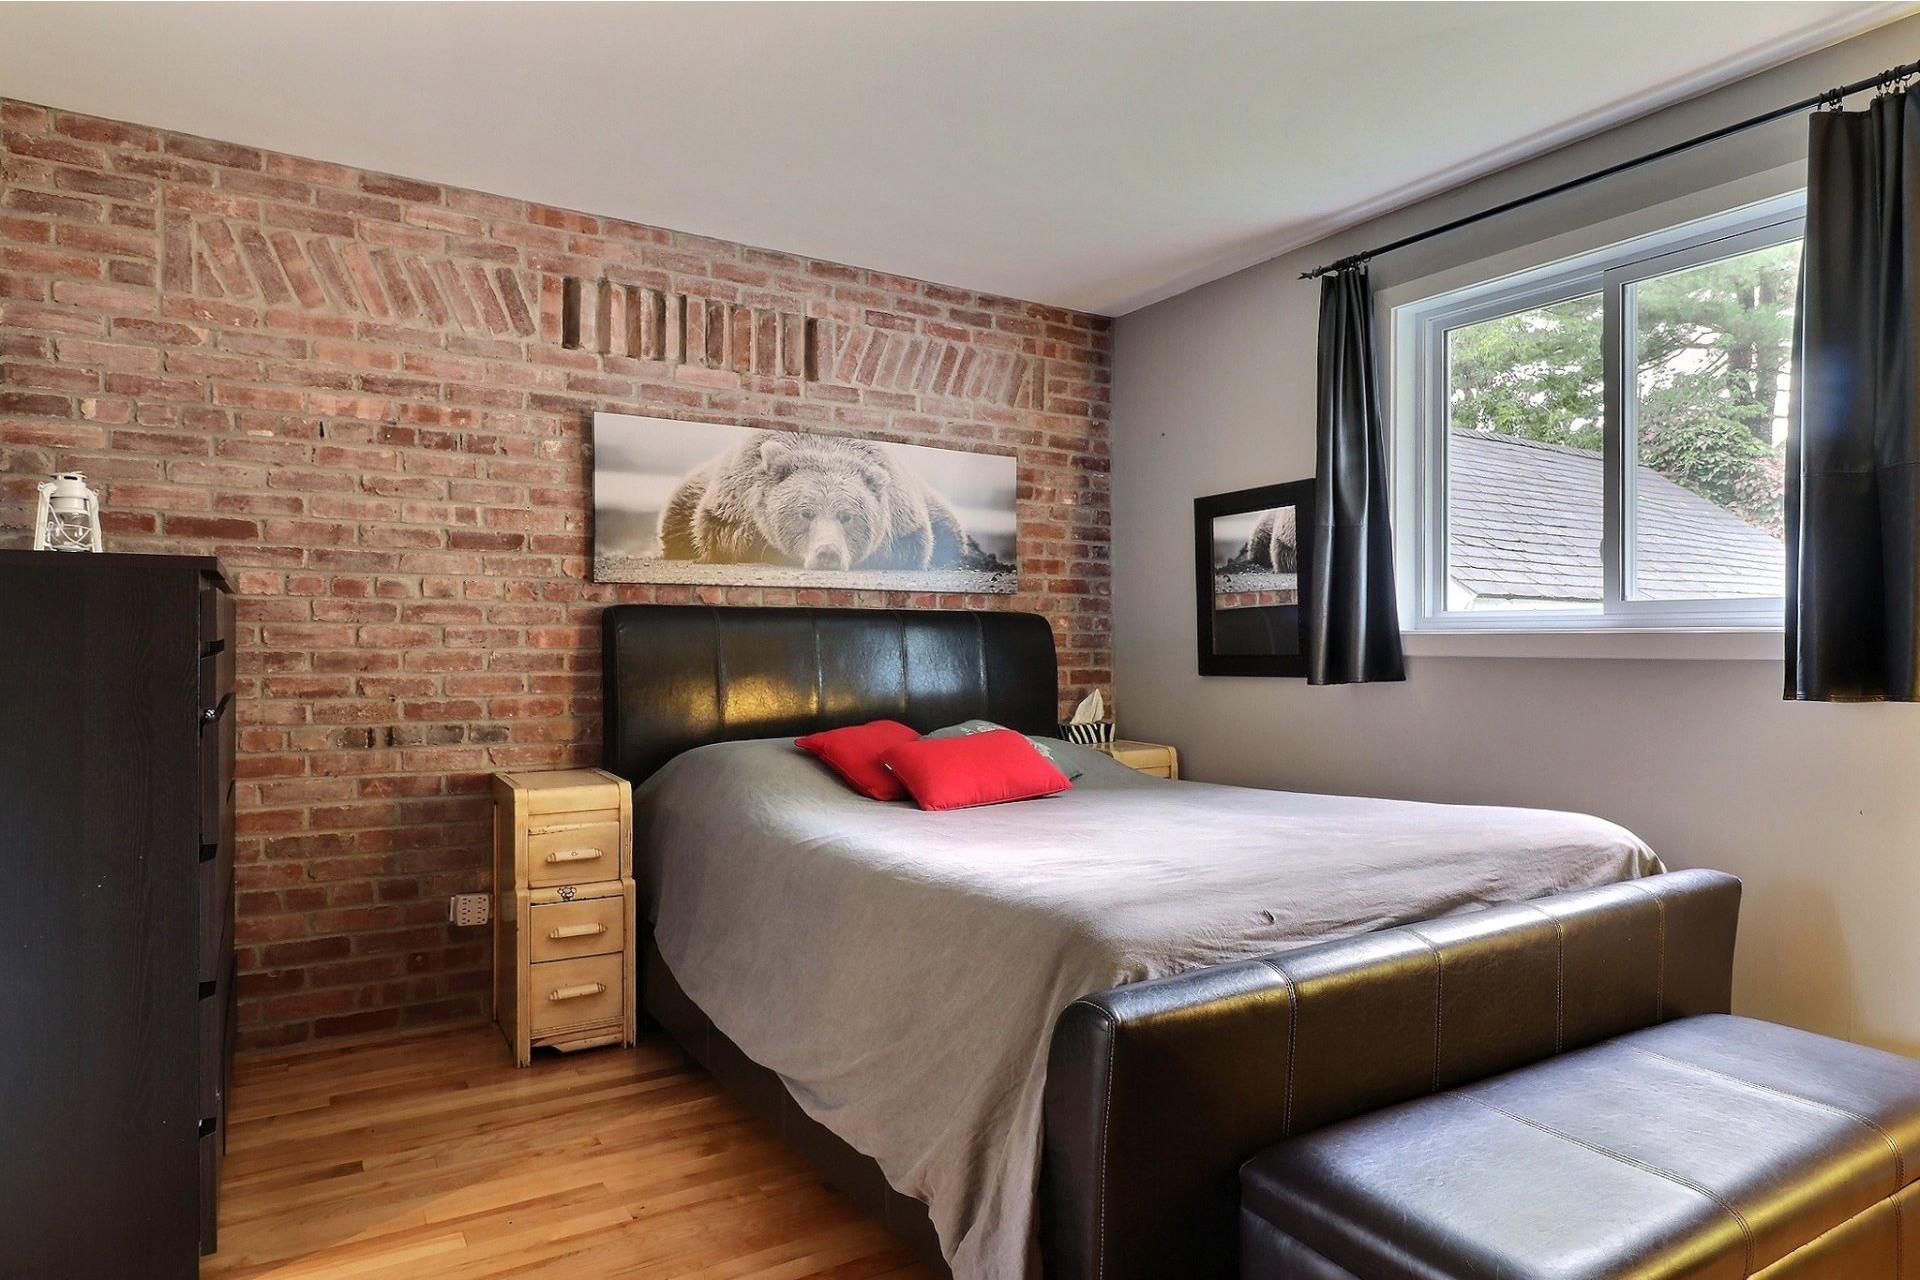 image 11 - House For sale Bois-des-Filion - 8 rooms